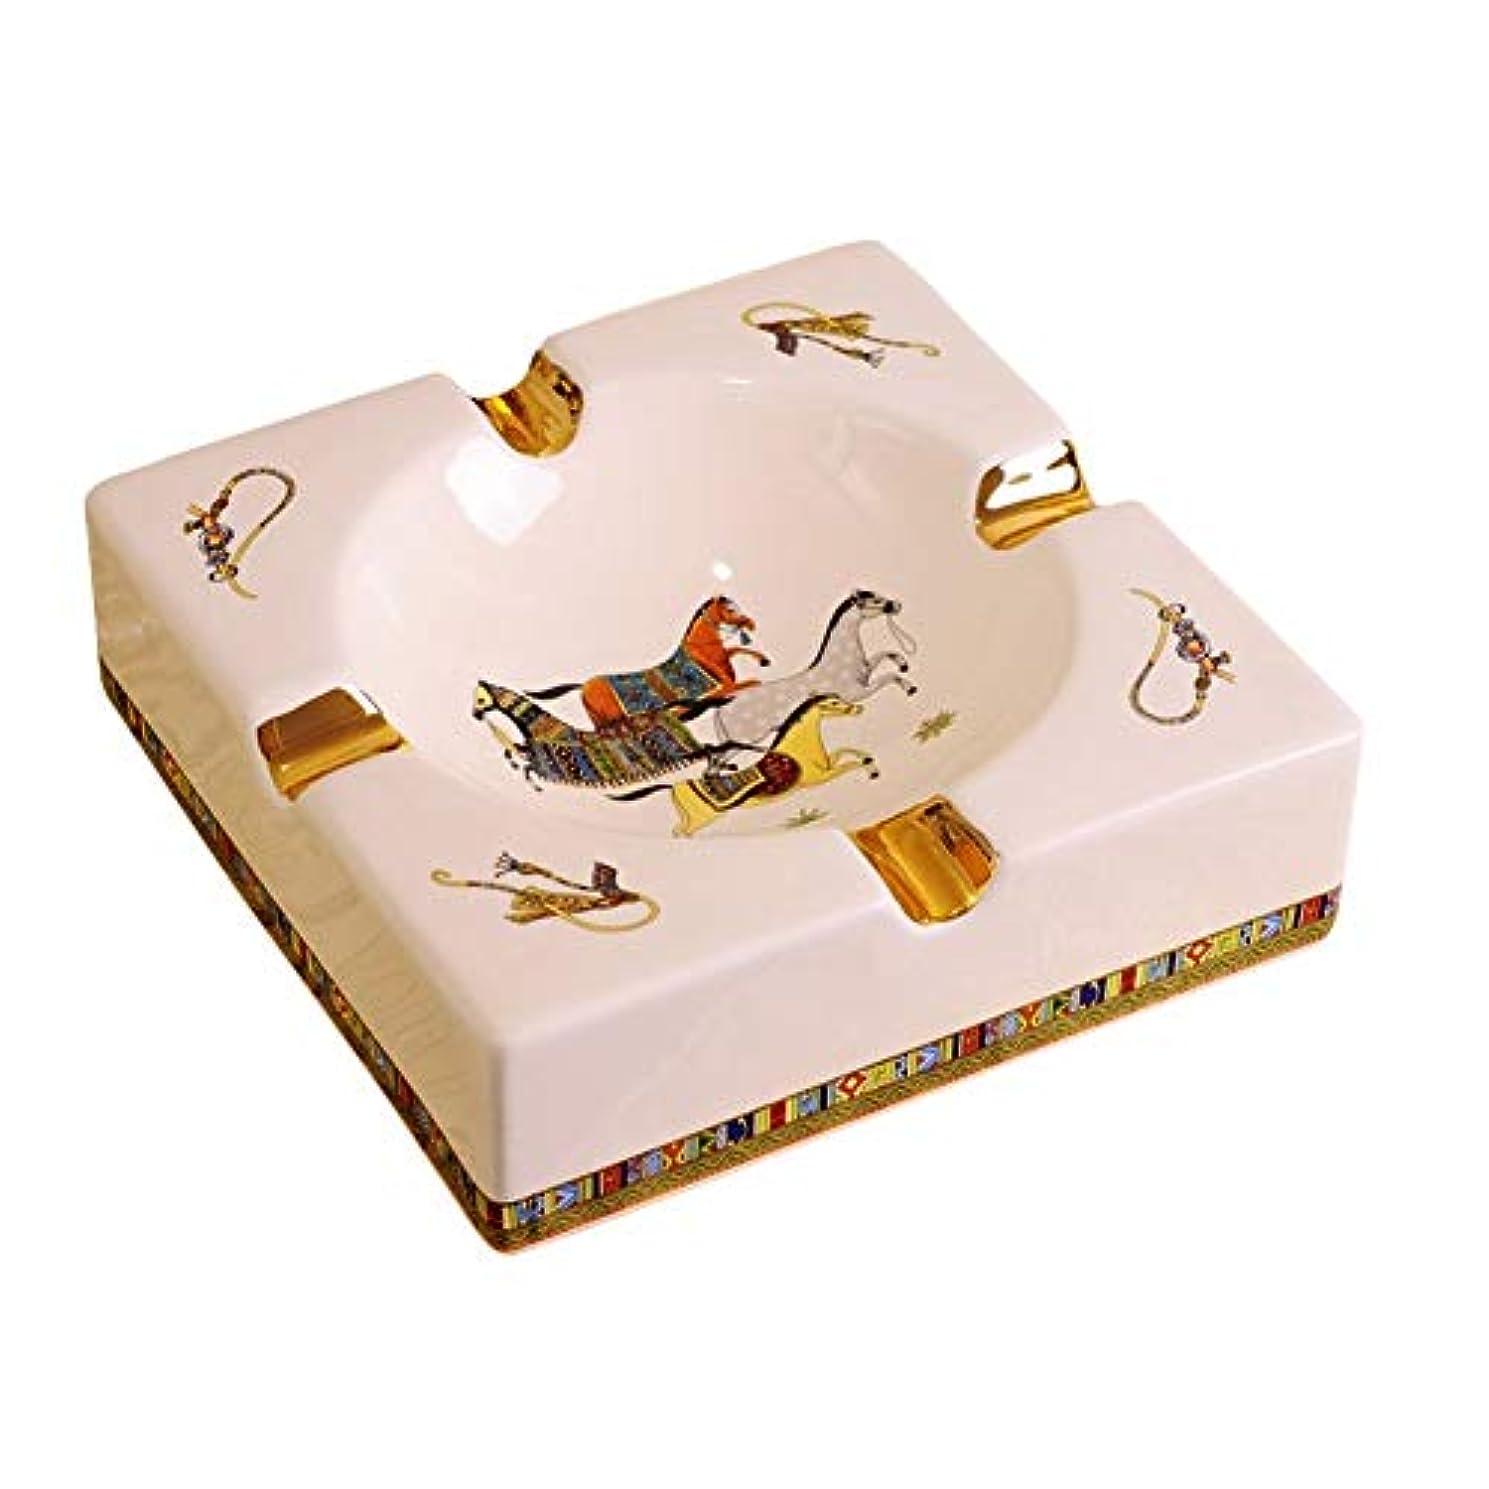 ロードされたのヒープ蒸発する4溝馬のパターンデスクトップで豪華ヨーロッパスタイルの葉巻灰皿屋内屋外のエレガントなホームデコレーション用の灰皿喫煙